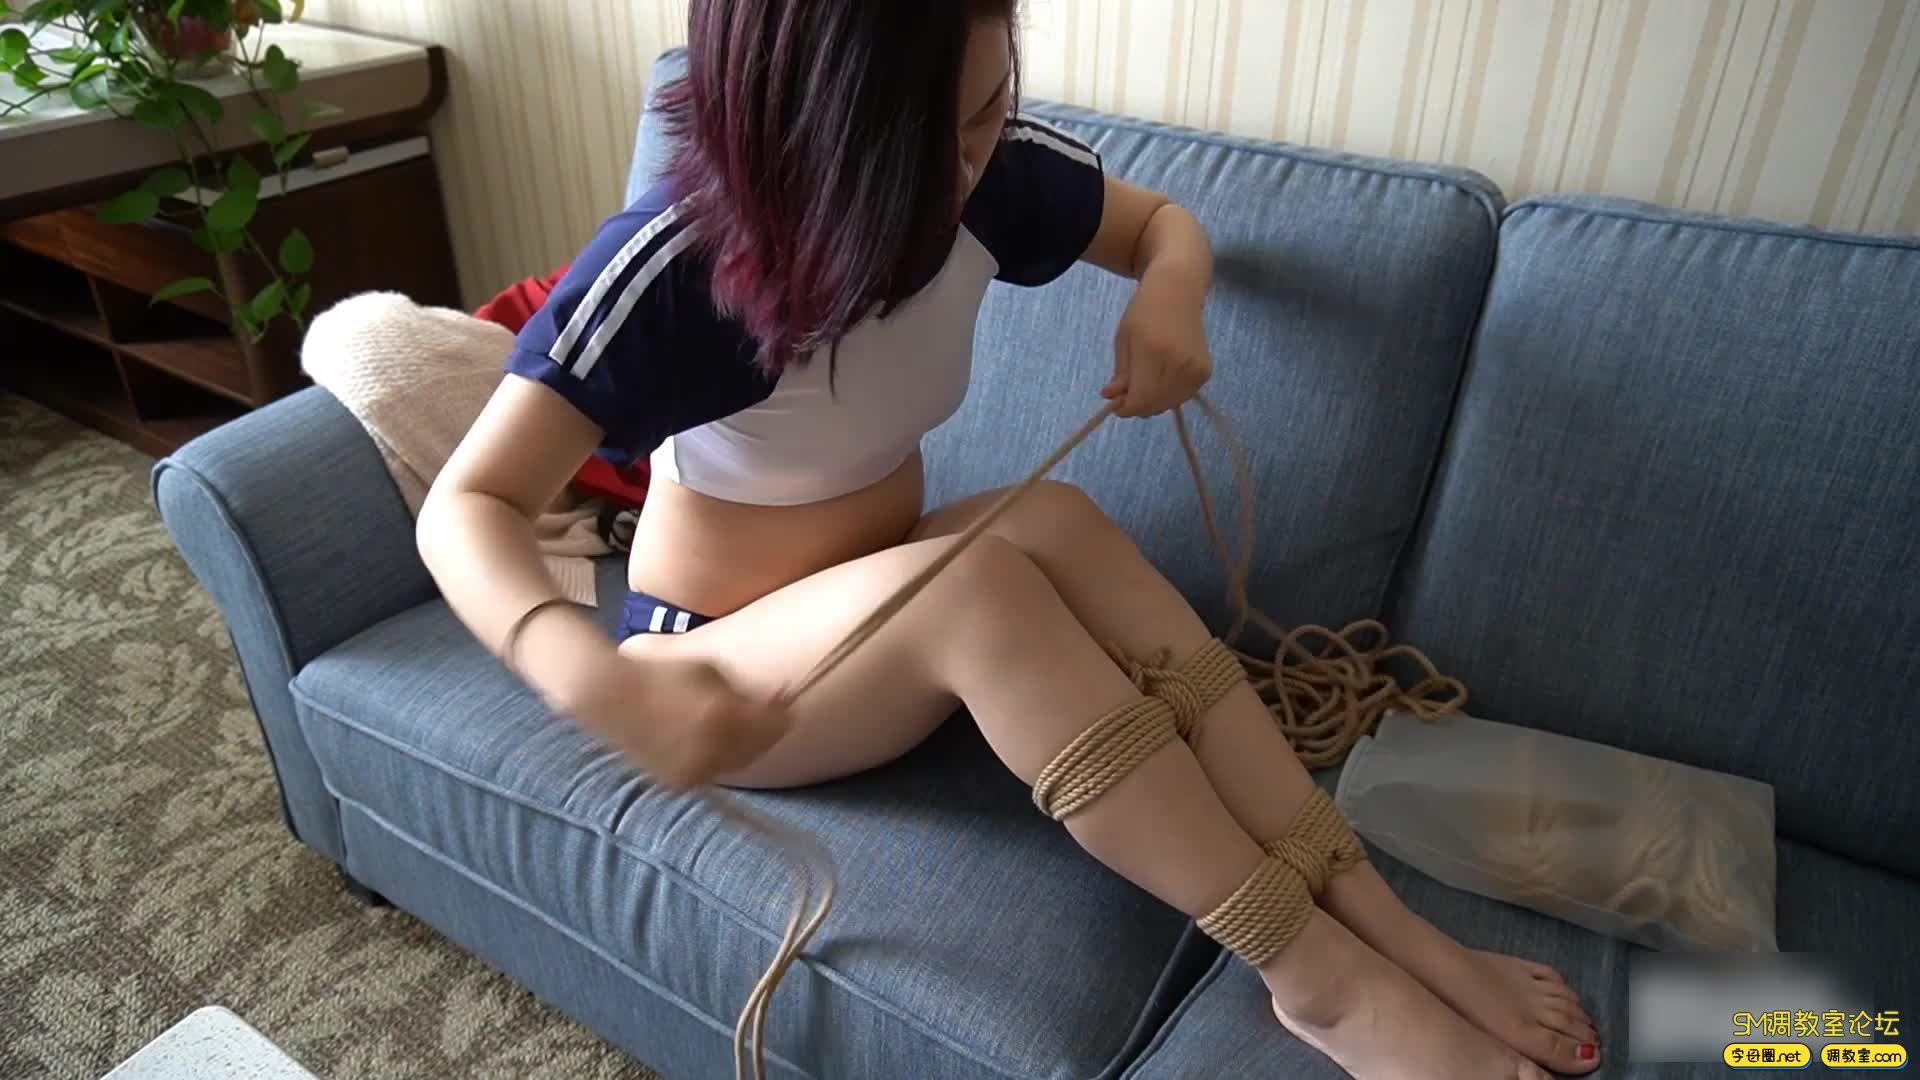 虐恋天使_【海语】回到家中 换衣自缚 脱绳失败求救无果 上-视频截图4